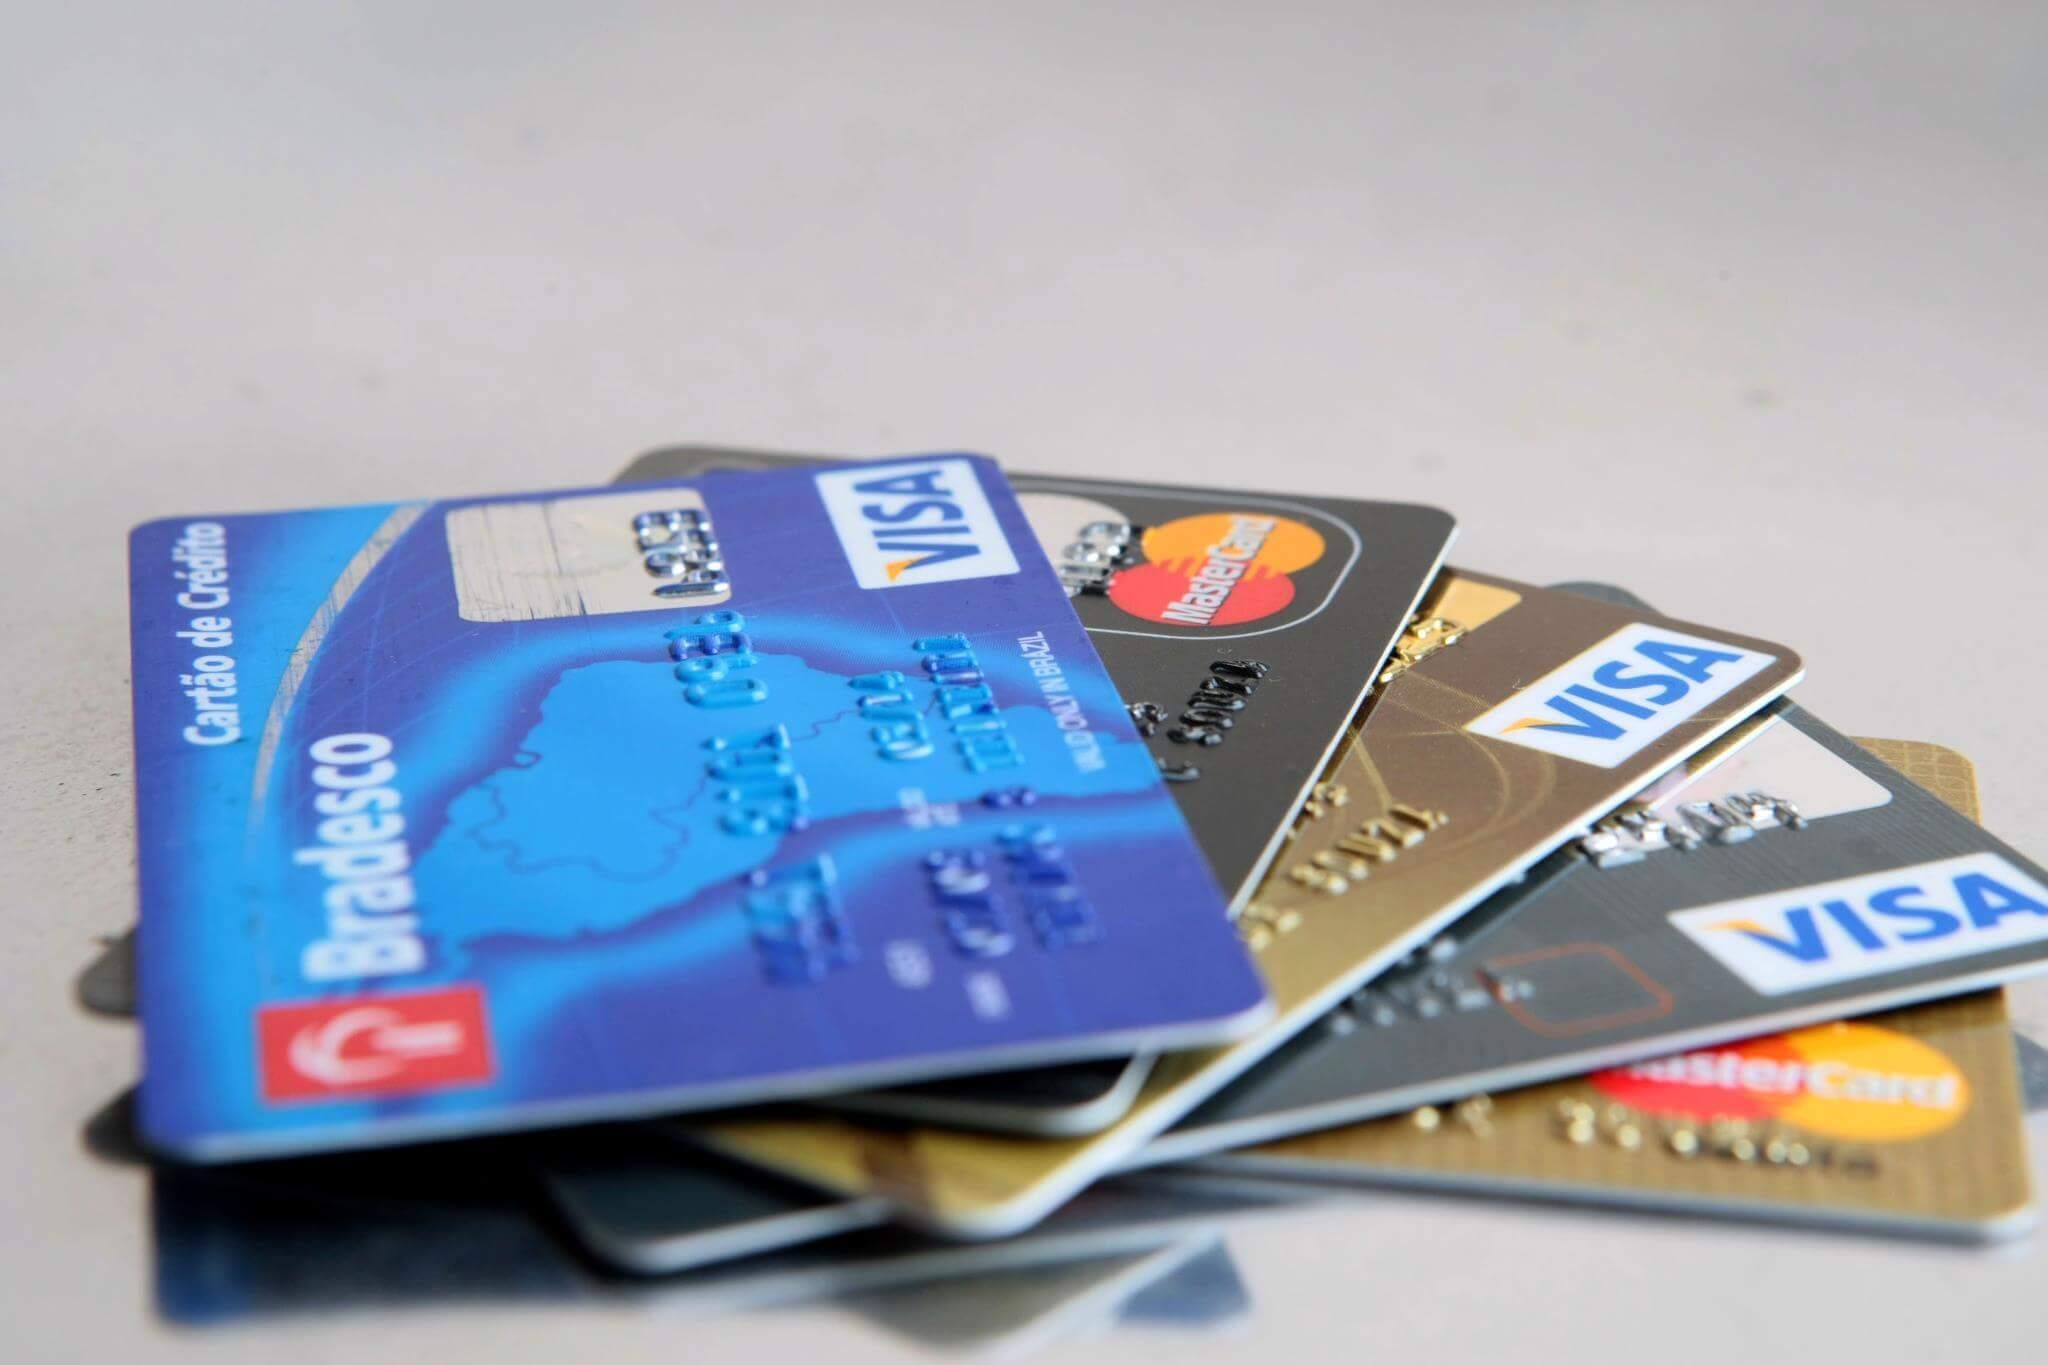 Cartões de crédito brasileiros para usar em Cancún